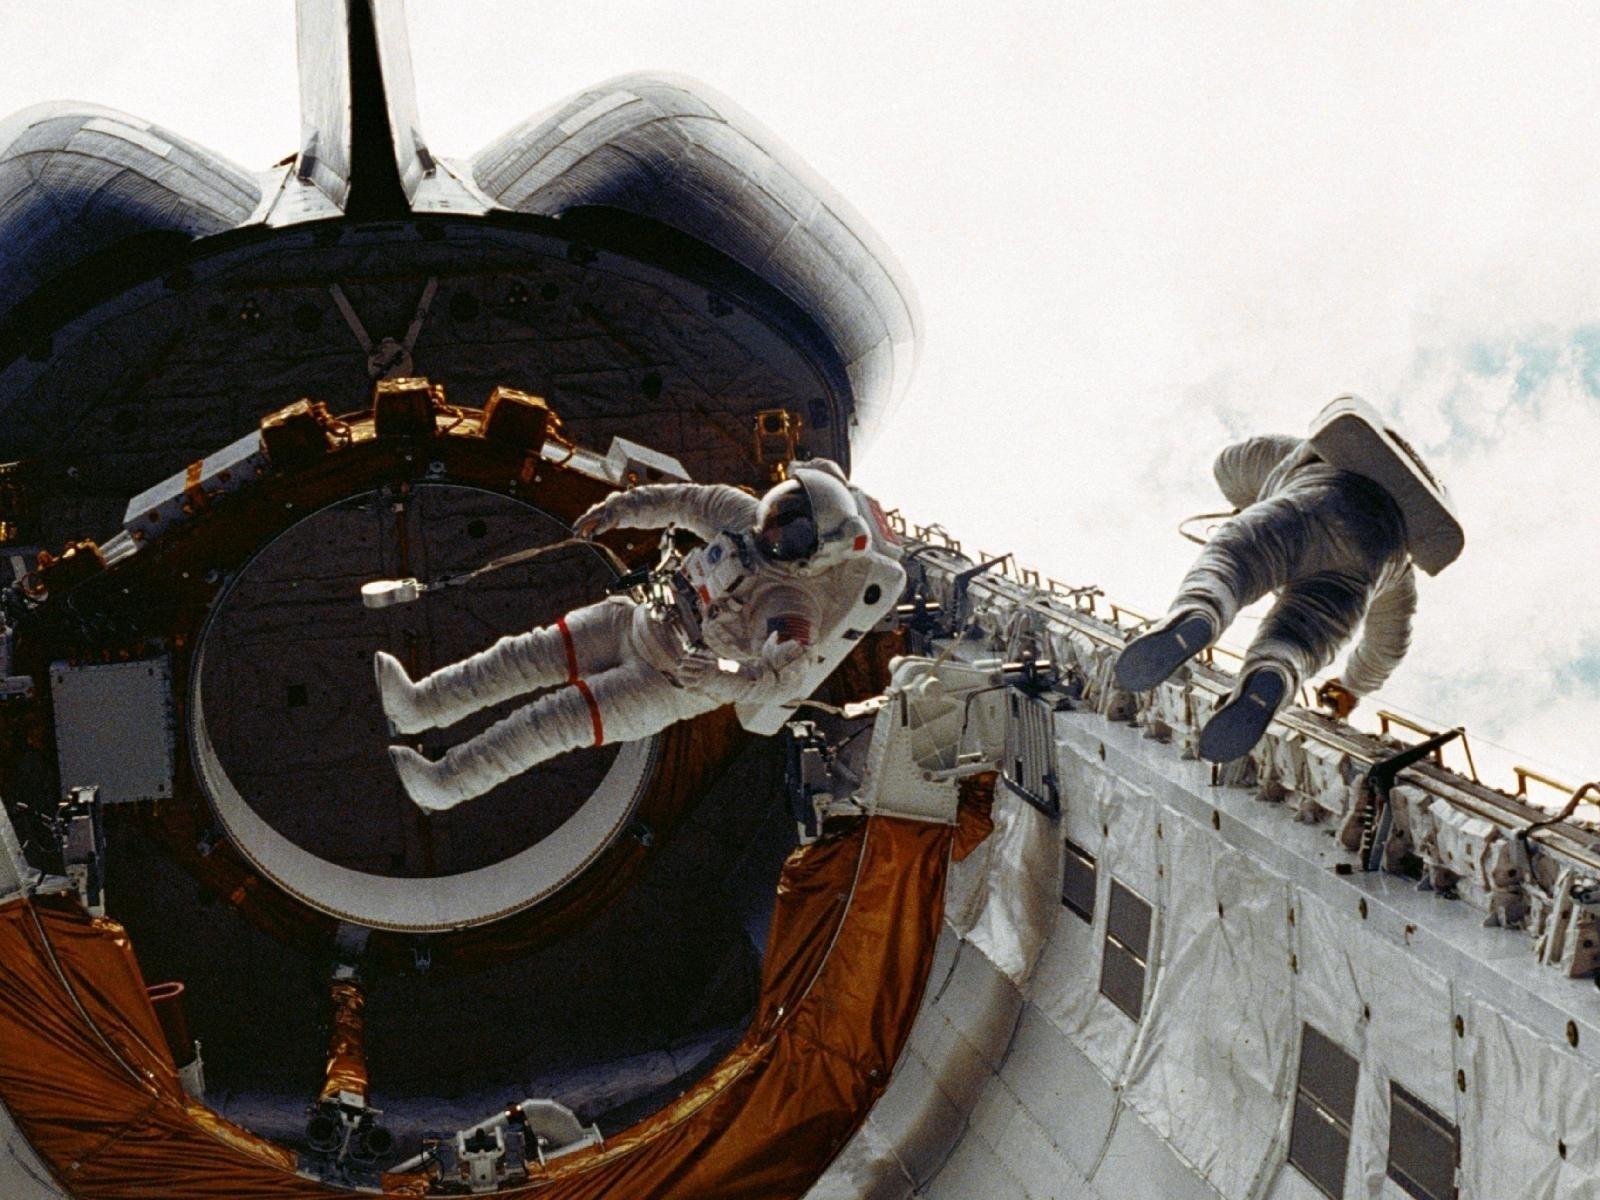 Os astronautas Story Musgrave (esq.) e Don Peterson trabalham na área de carga do Challenger durante caminhada espacial em 7 de abril de 1983